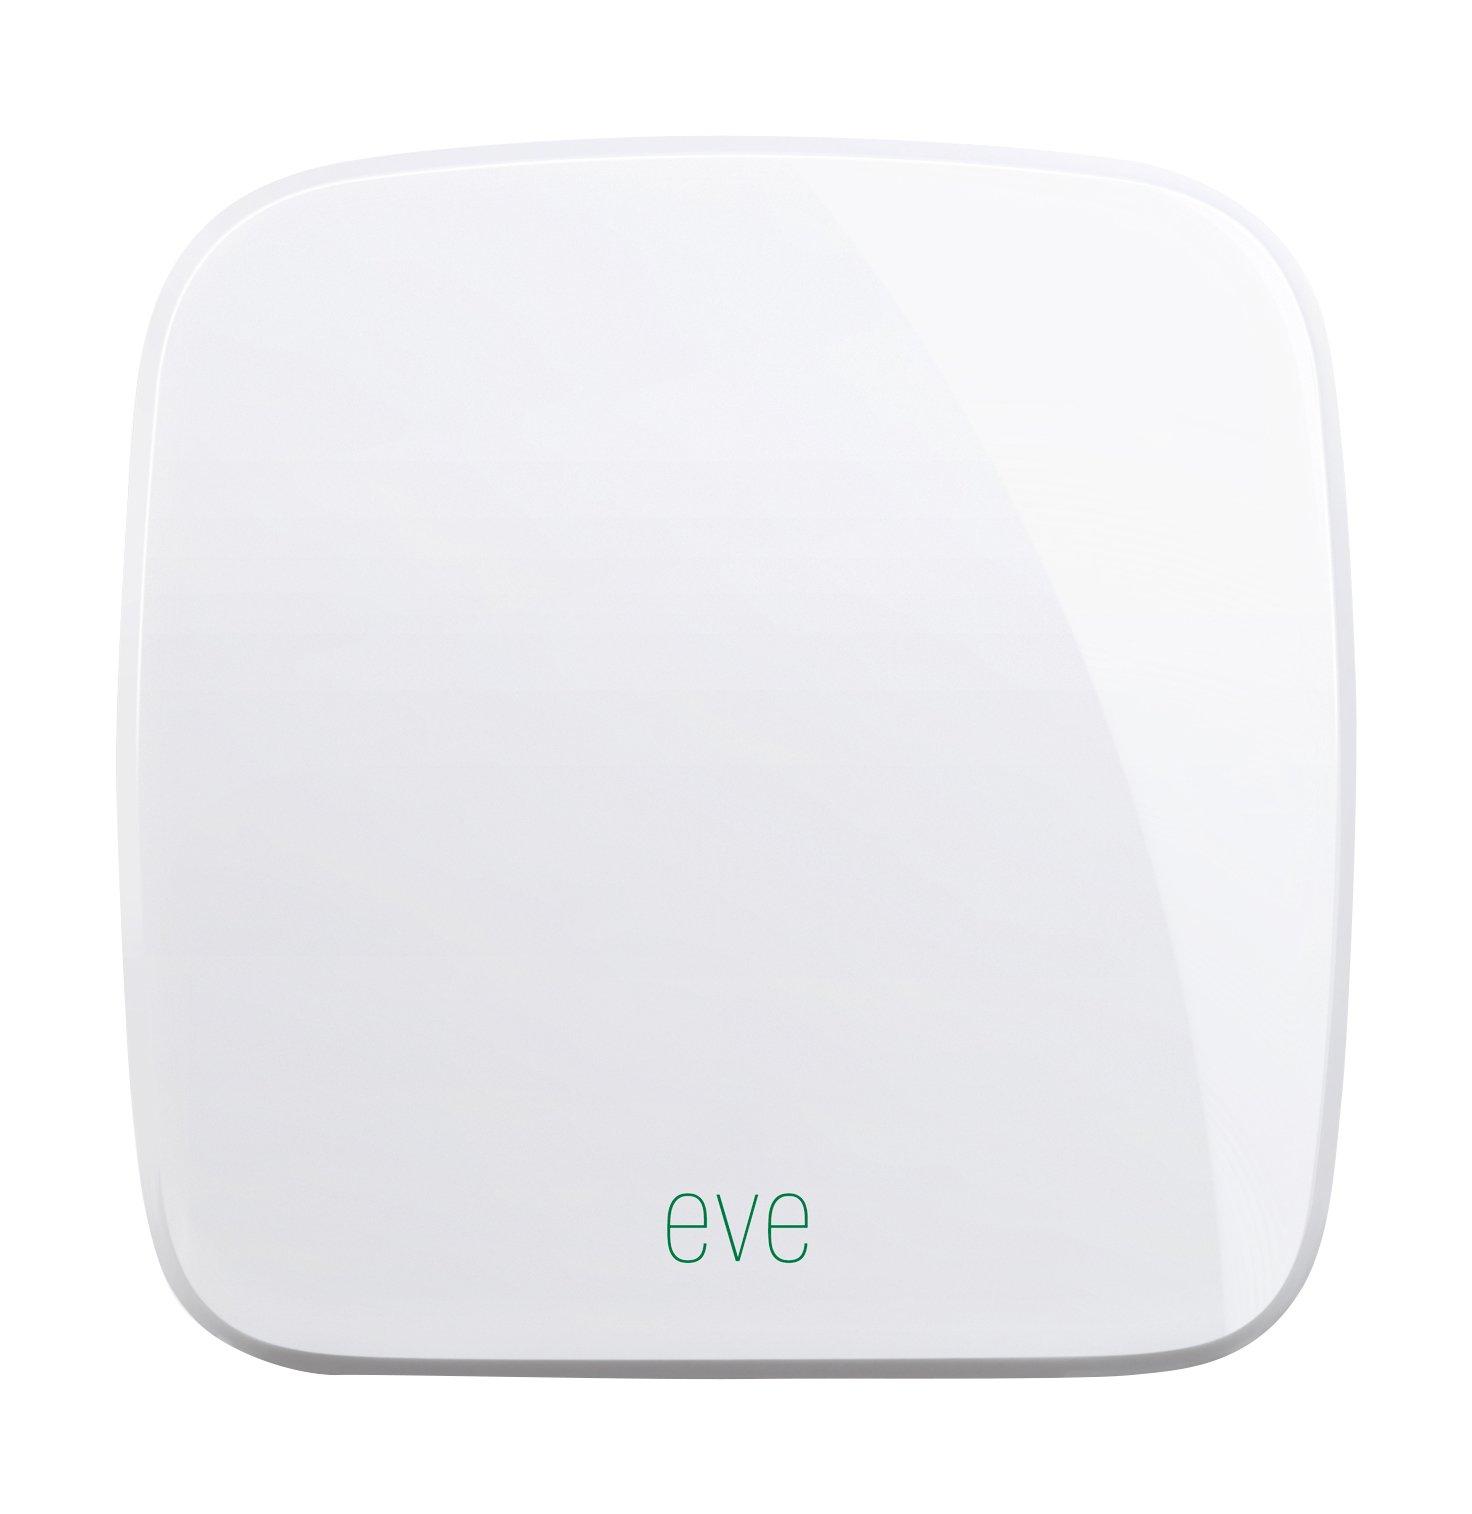 Elgato Eve Weather (Première Génération) – Capteur extérieur sans fil avec technologie HomeKit d'Apple, Bluetooth Low Energy